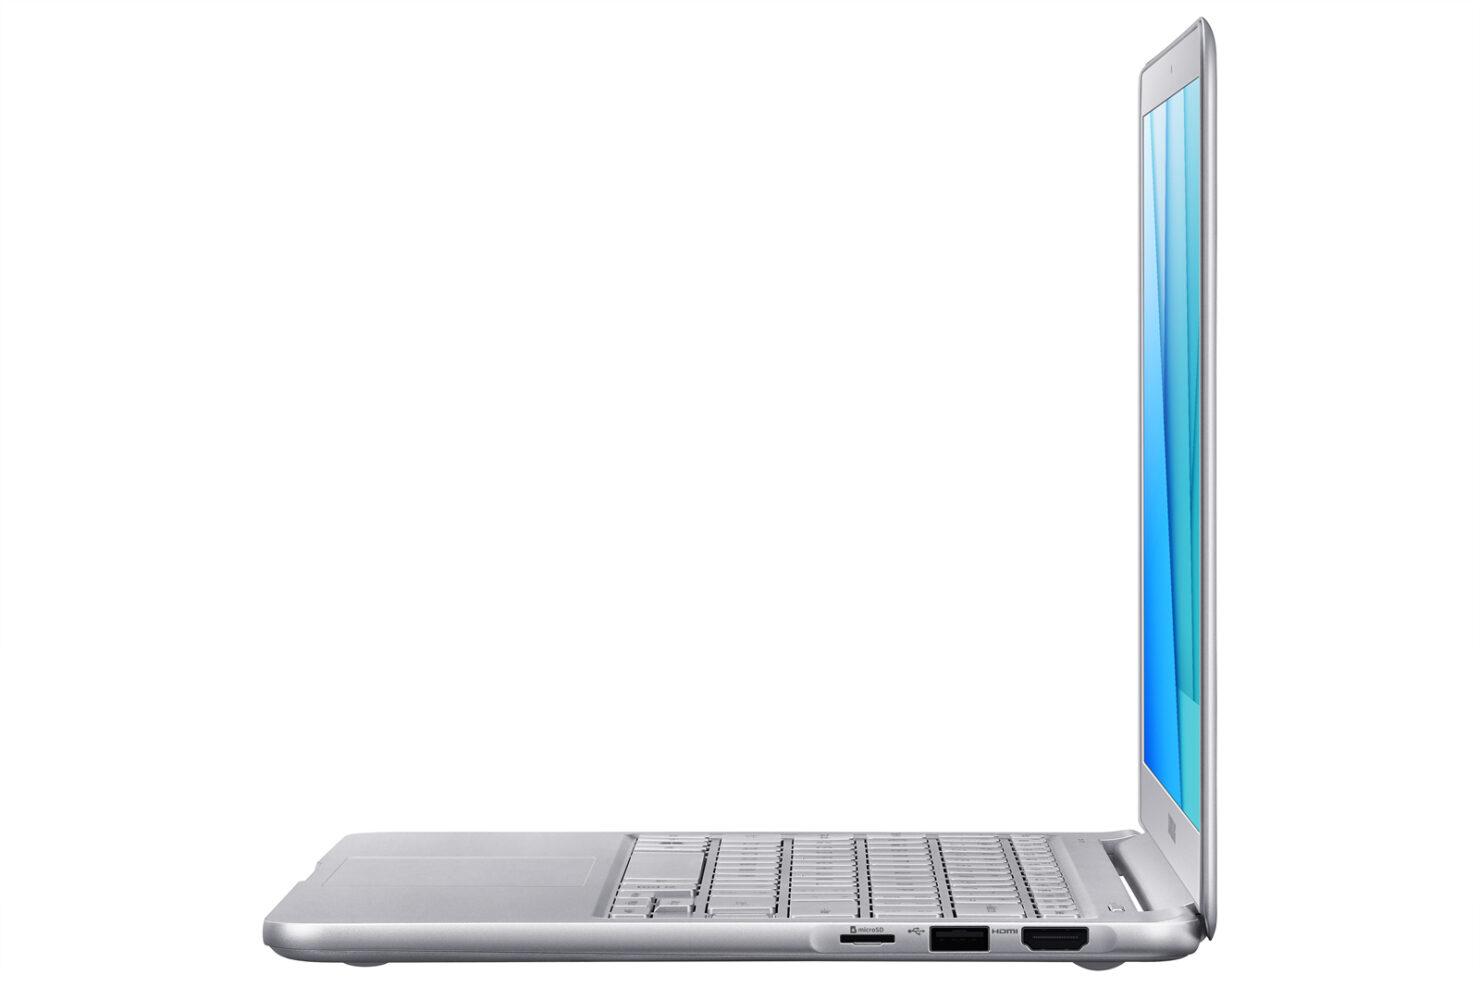 notebook-9-13-3-inch-light-titan-6